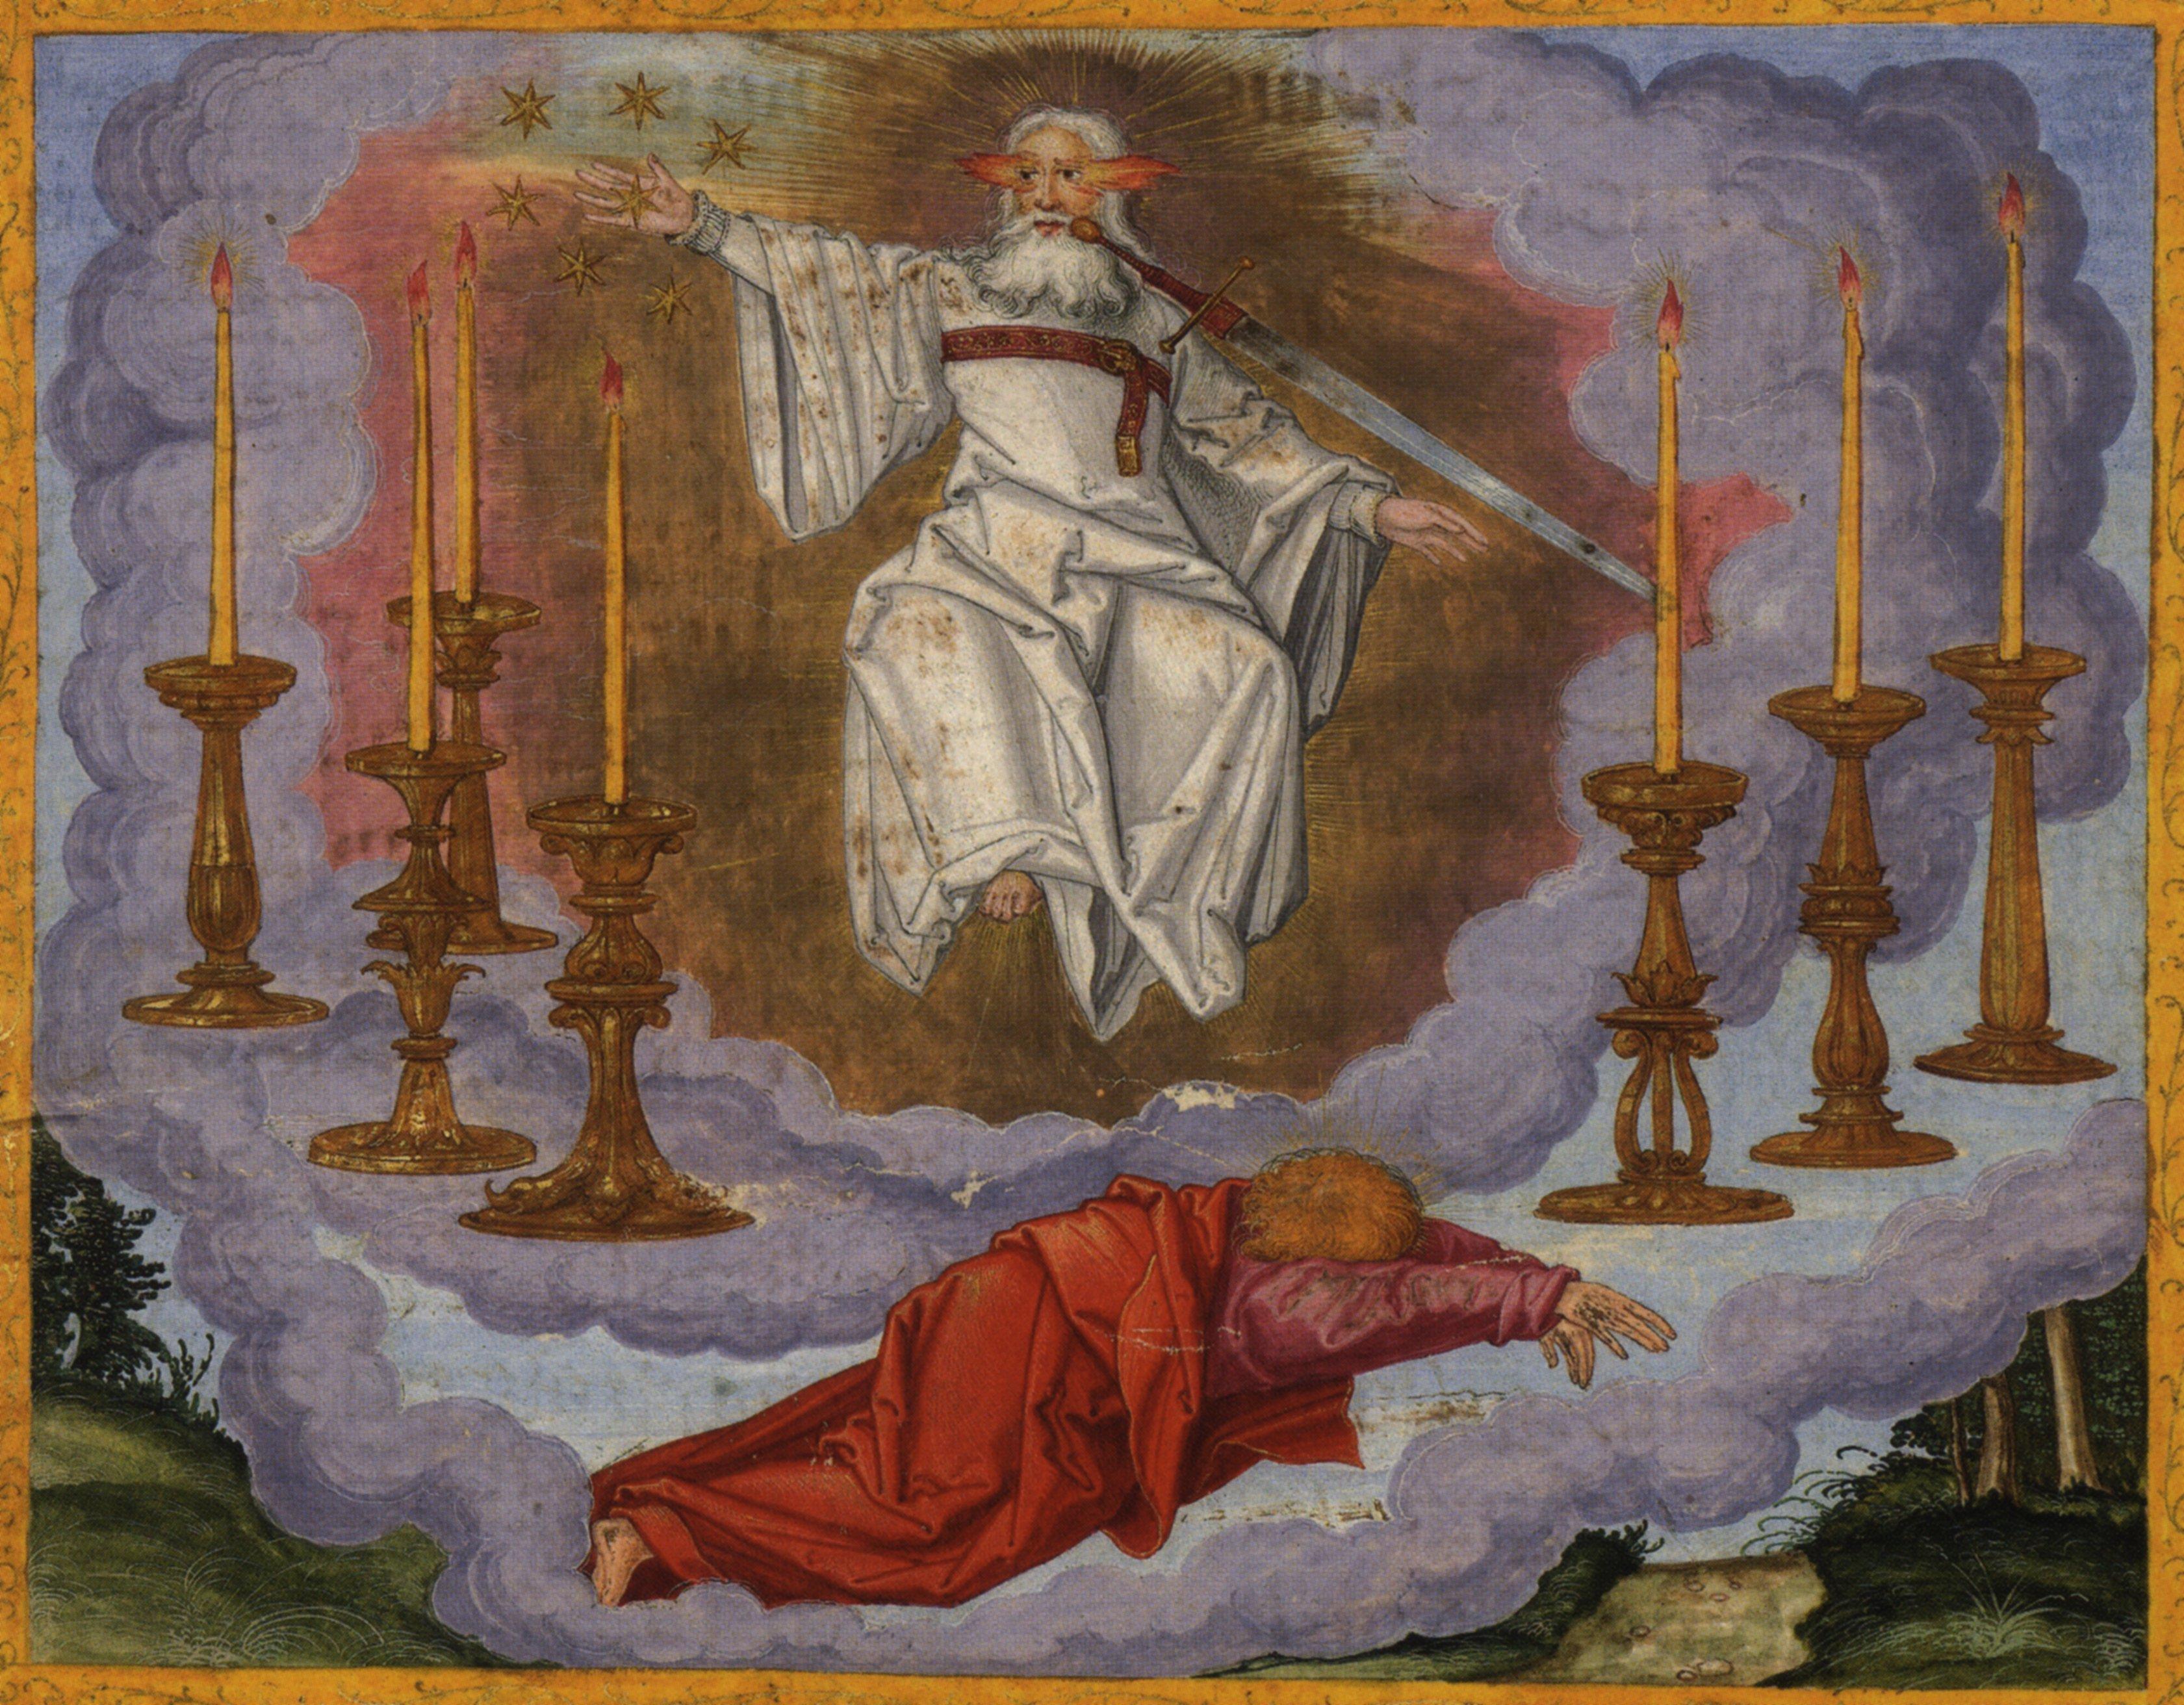 Ottheinrich_Folio284v_Rev1